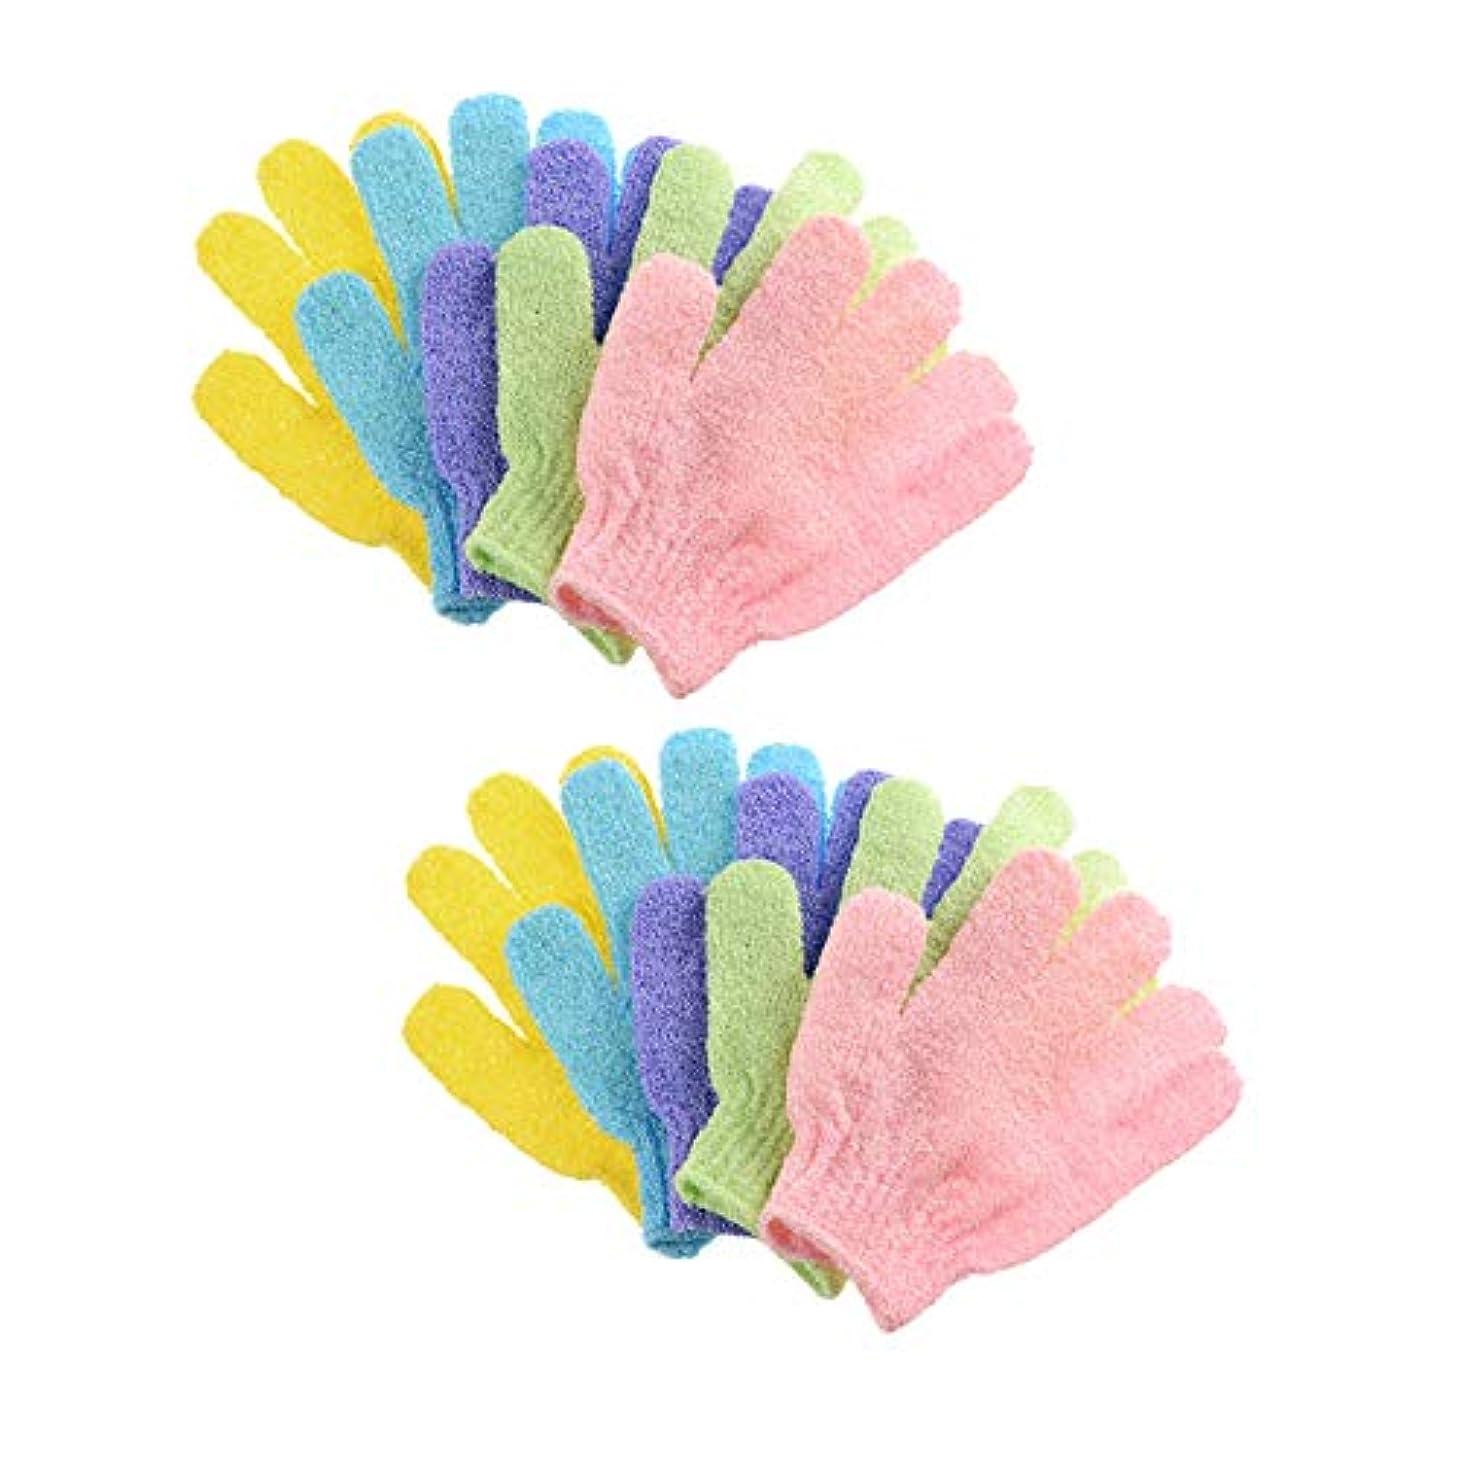 医学連帯スロー浴用手袋 入浴用手袋 お風呂用手袋 5ペア角質除去バスグローブ 抗菌加工 ボディタオル シャワーボディーグローブ 両面スクラブバスグローブボディスクラブエクスフォリエーター用 男女兼用